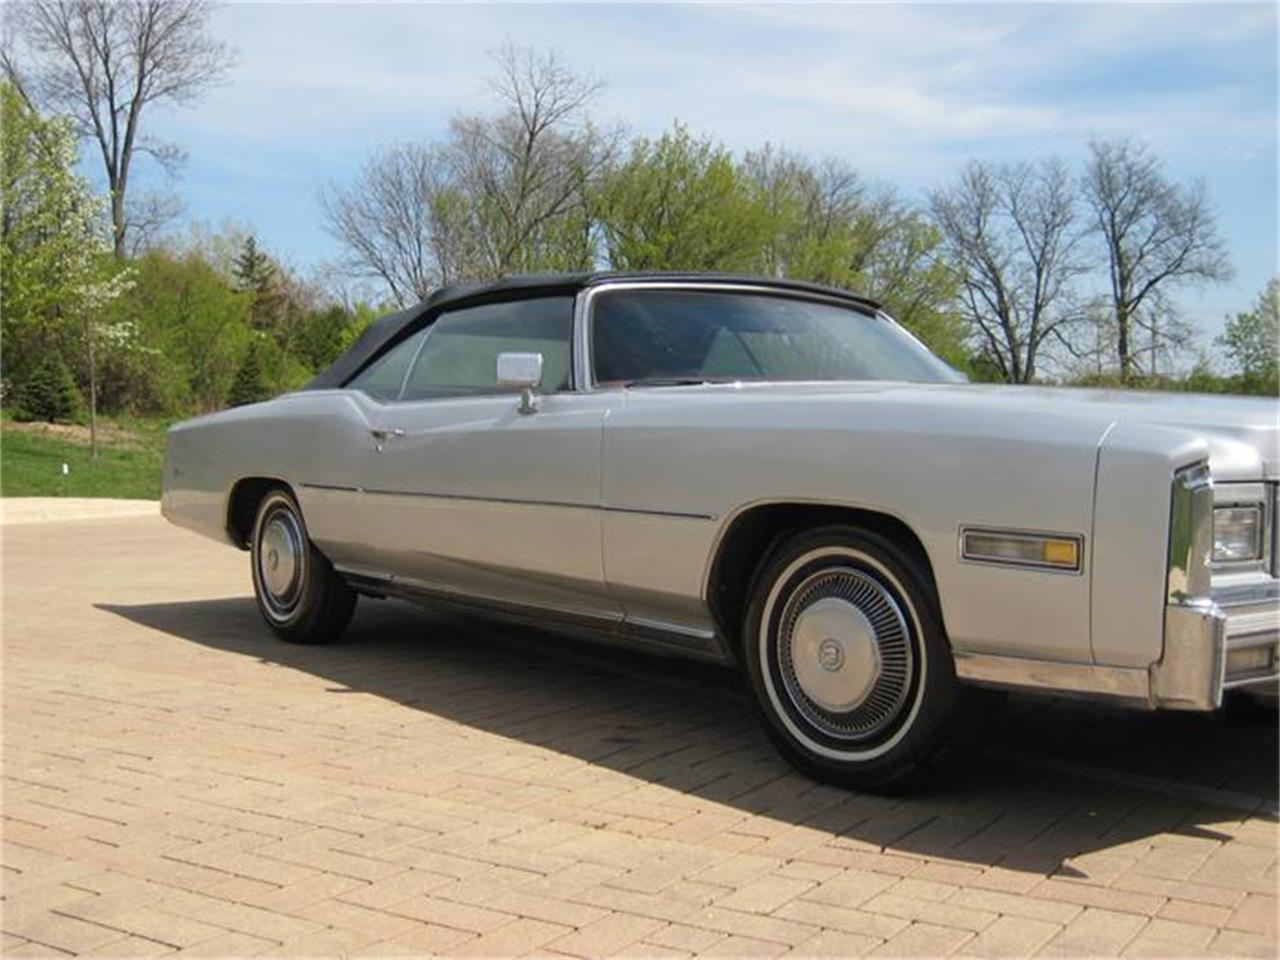 Large Picture of '75 Eldorado located in Geneva Illinois - $12,995.00 - E9SK